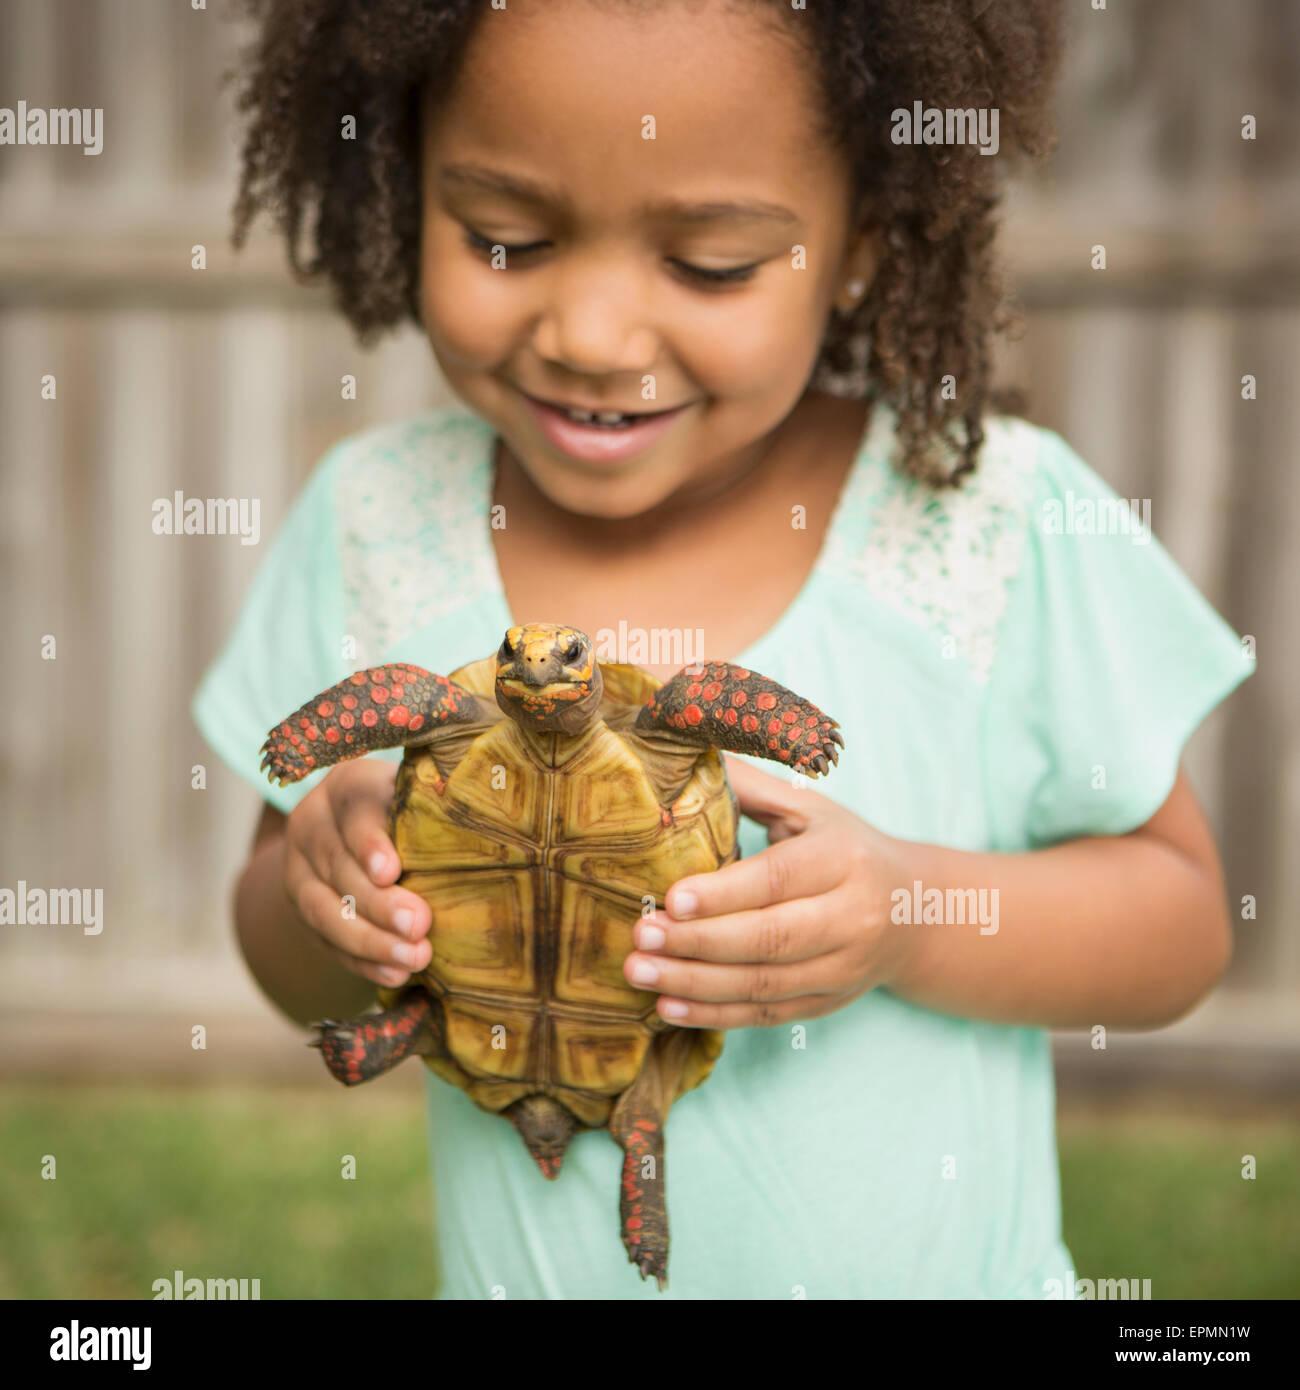 Un bambino in possesso di una tartaruga. Immagini Stock